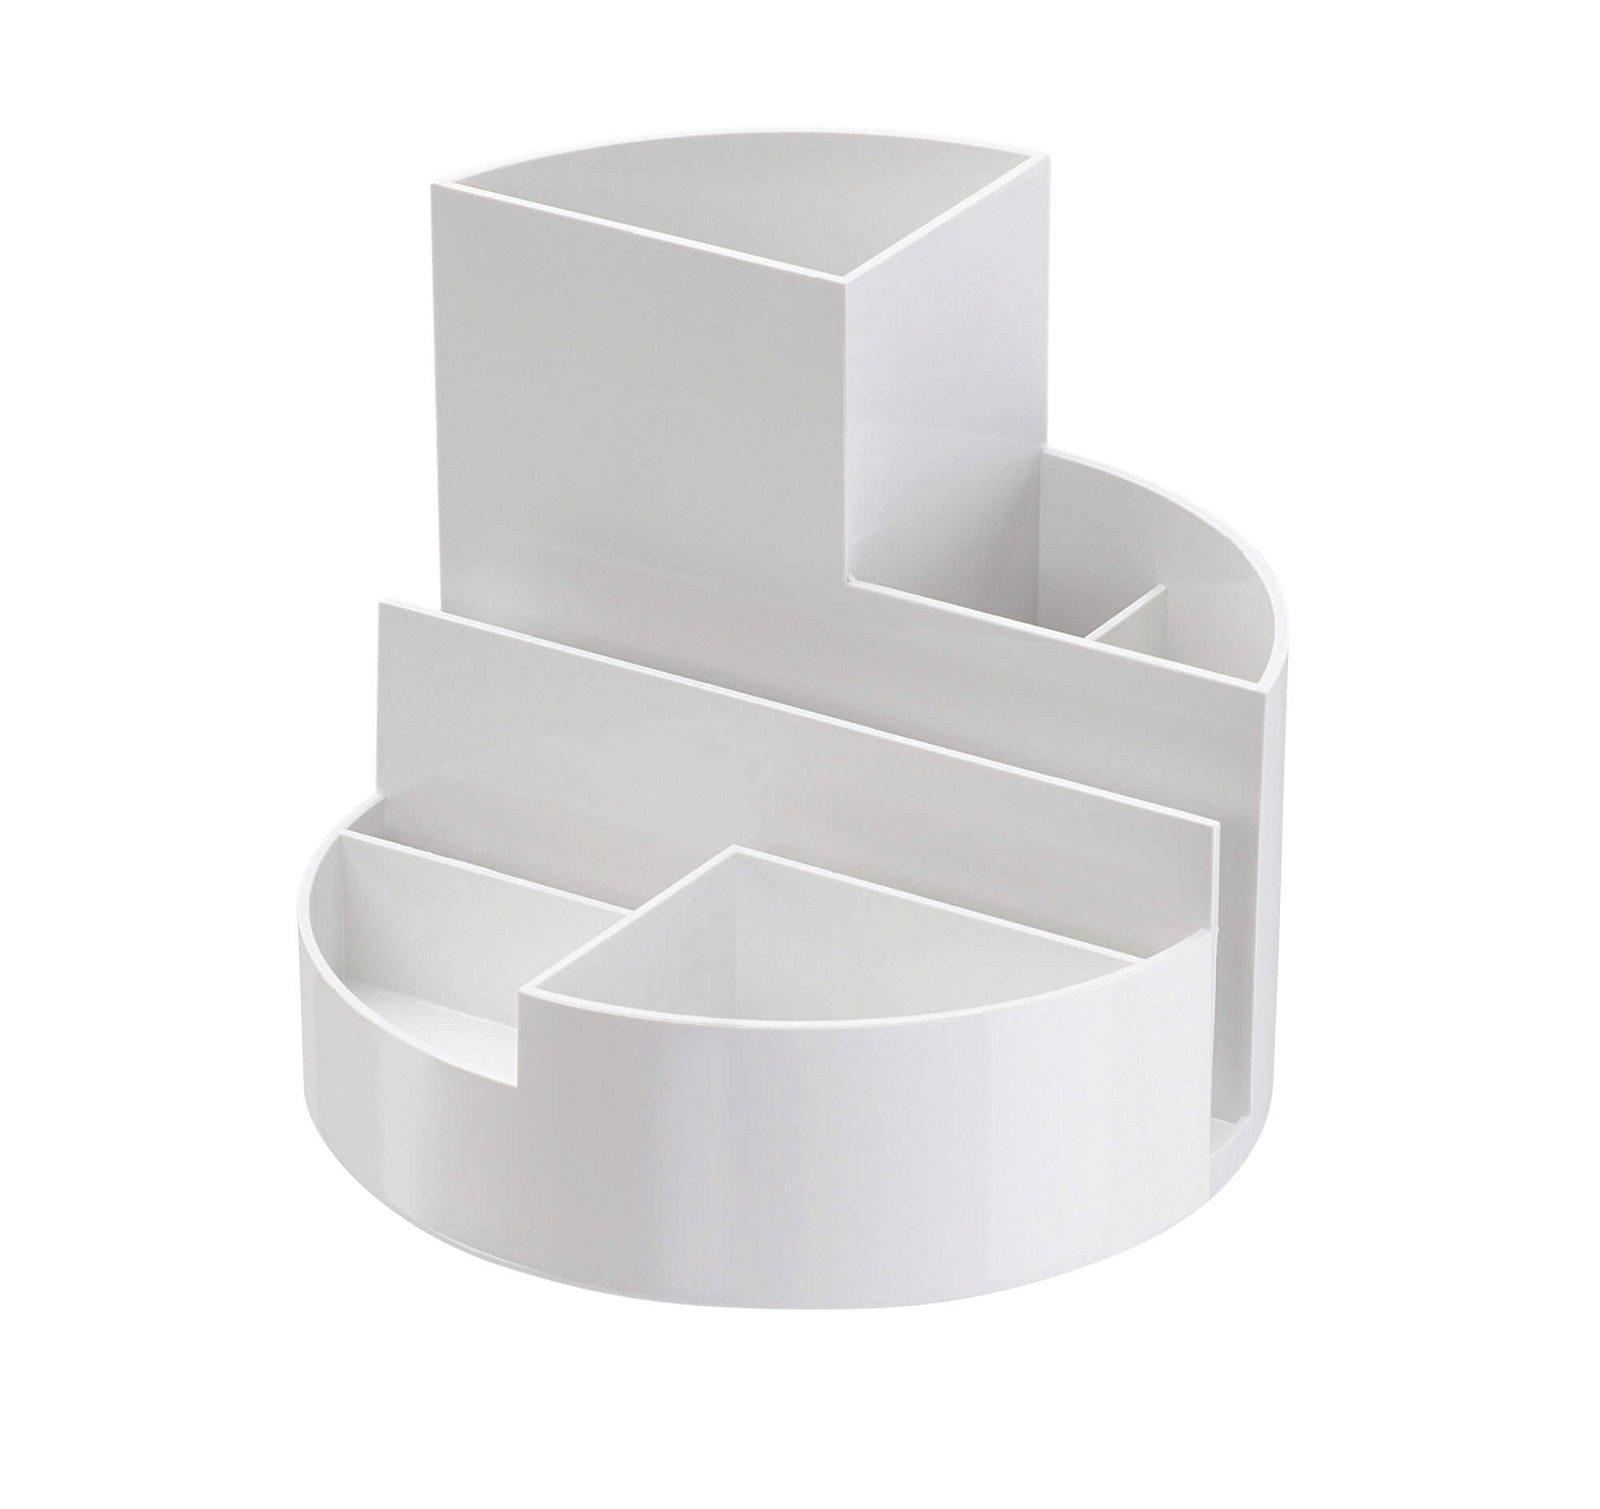 Schreibtischorganizer MAULrundbox Eco, weiß